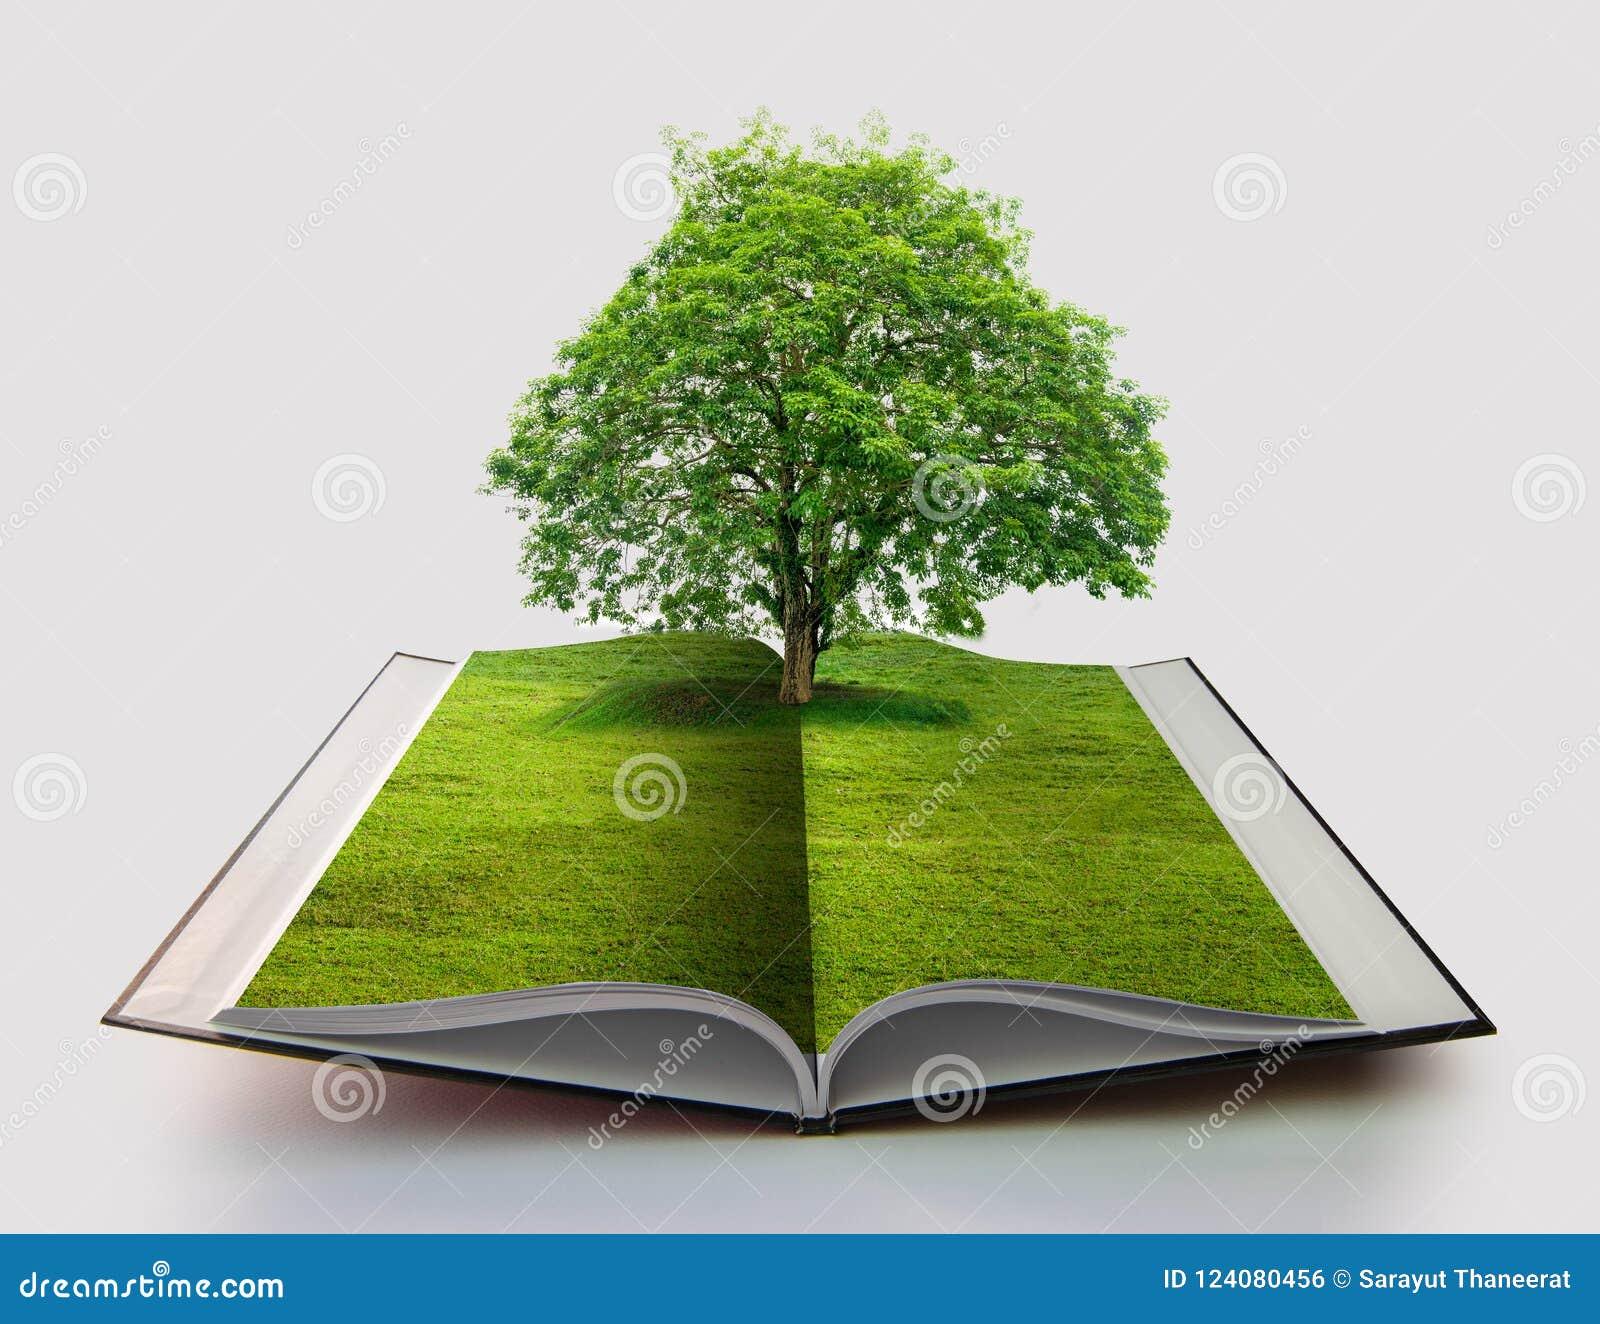 Boek van aard op wit open boek in document recyclingsconcept 3d het teruggeven boek van aard met gras en boom de groei die op het